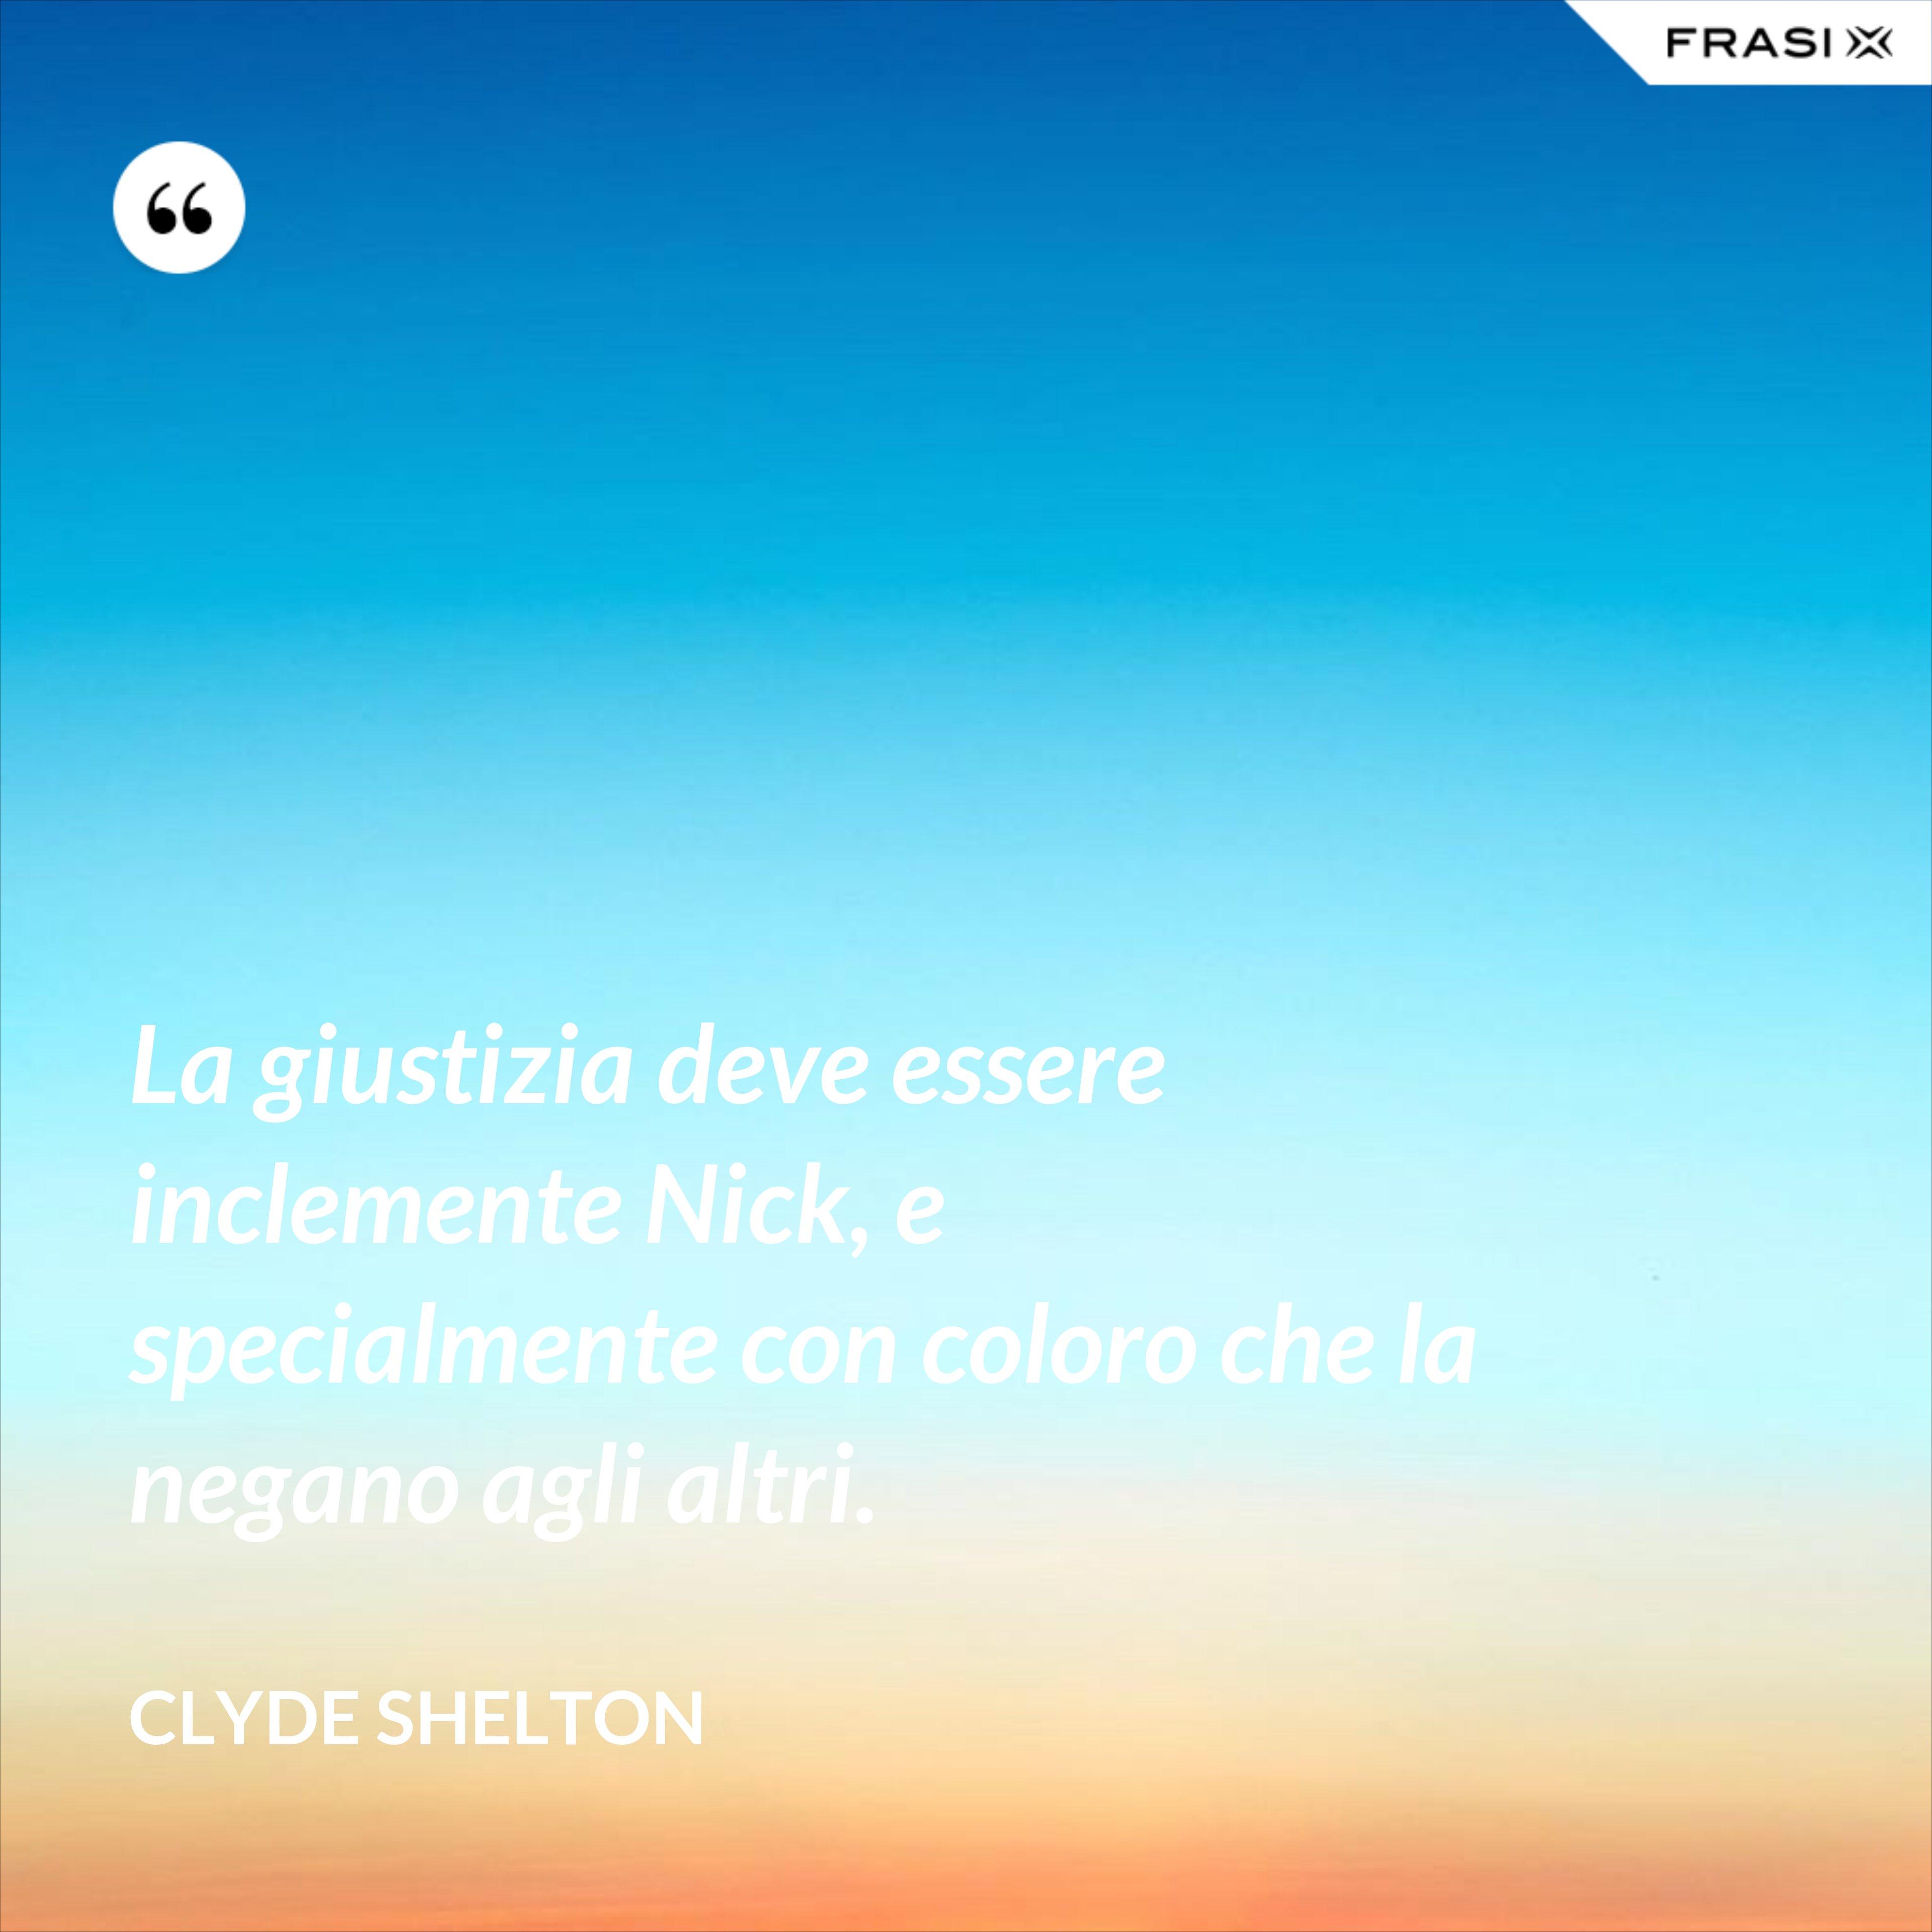 La giustizia deve essere inclemente Nick, e specialmente con coloro che la negano agli altri. - Clyde Shelton